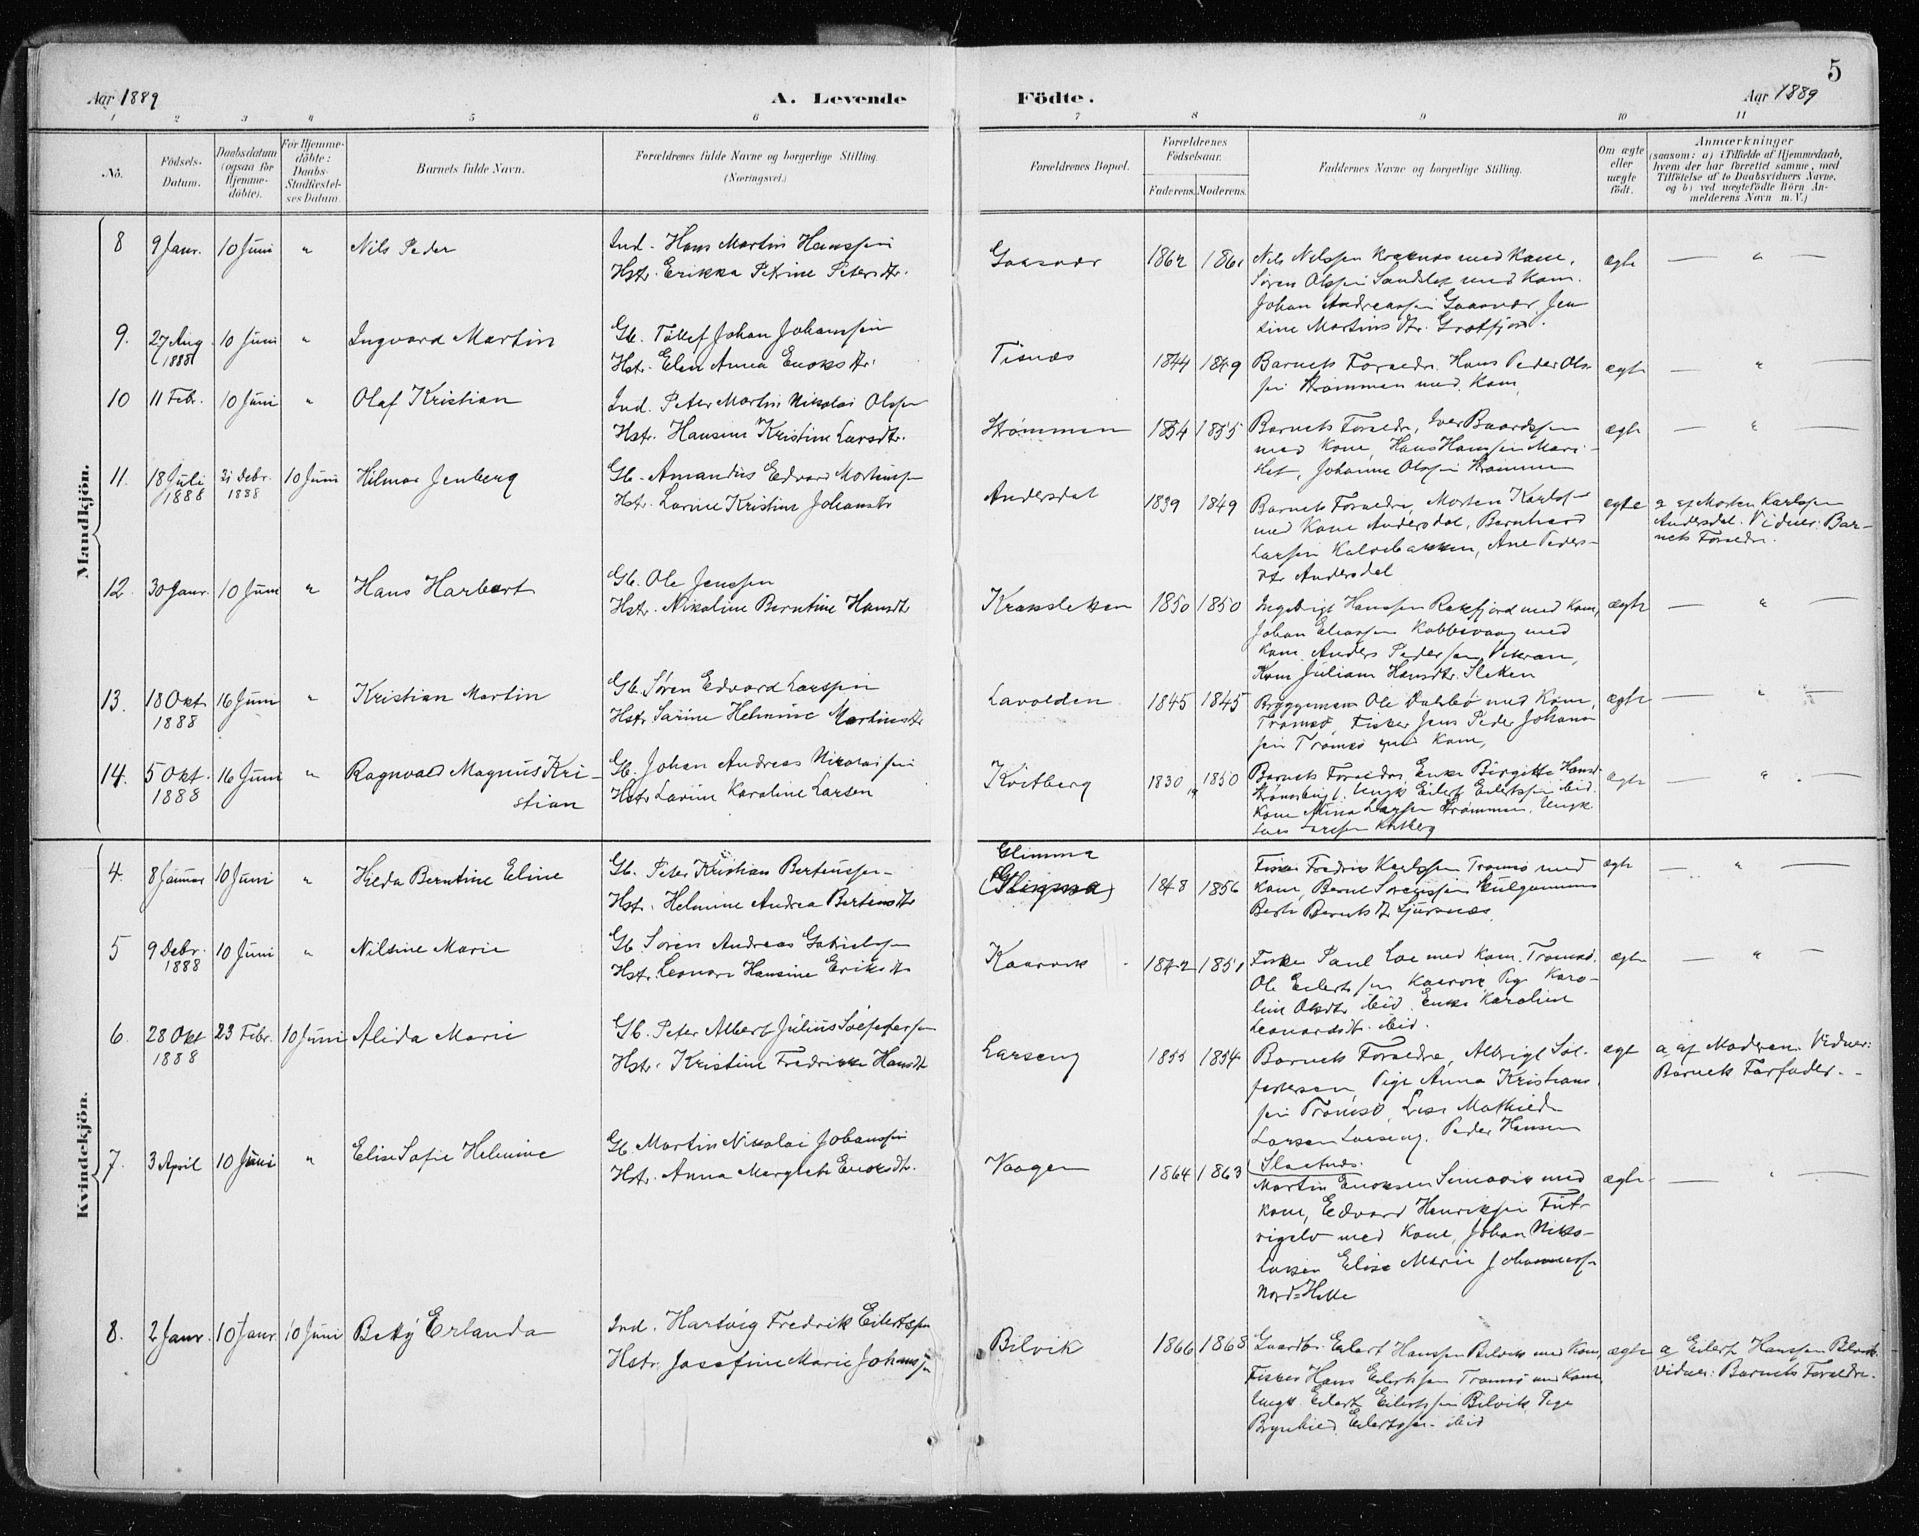 SATØ, Tromsøysund sokneprestkontor, G/Ga/L0005kirke: Ministerialbok nr. 5, 1888-1896, s. 5